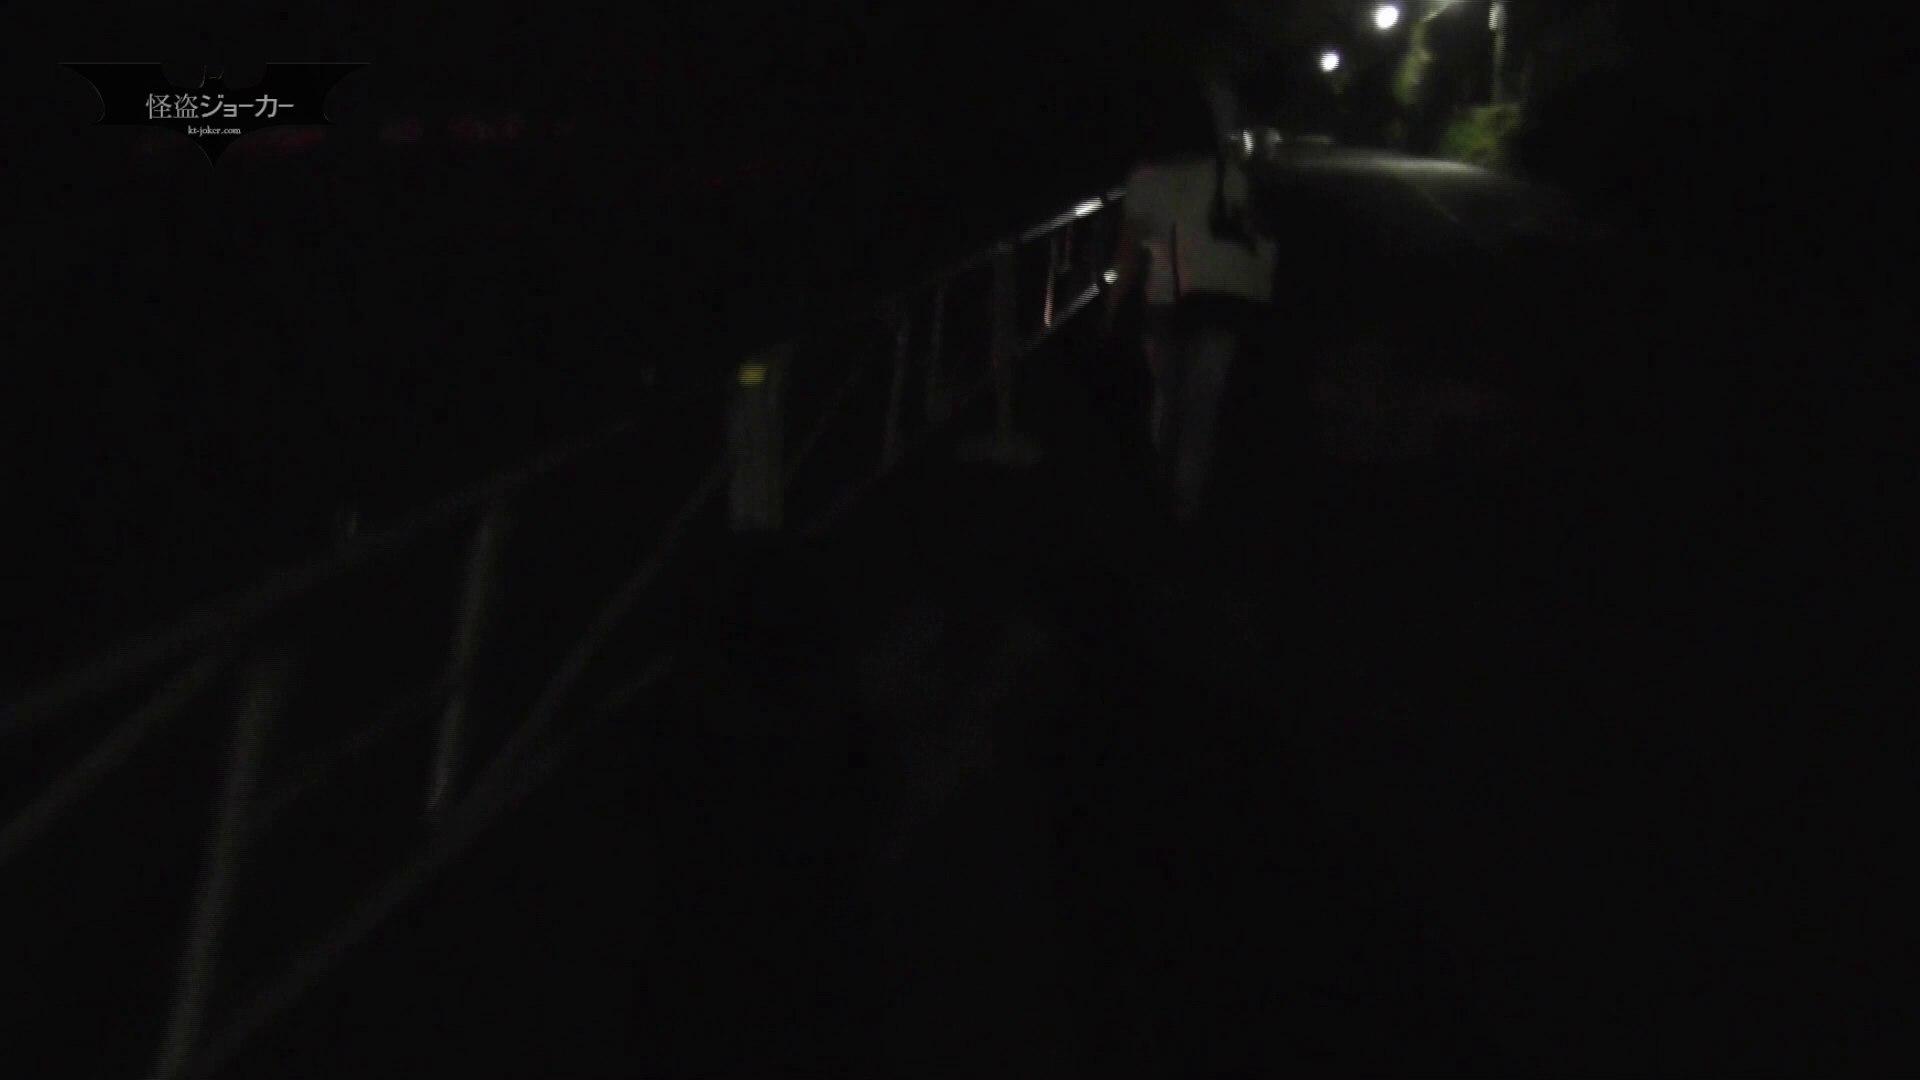 ヒトニアラヅNo.10 雪の様な白い肌 女体盗撮 盗み撮りAV無料動画キャプチャ 63連発 2